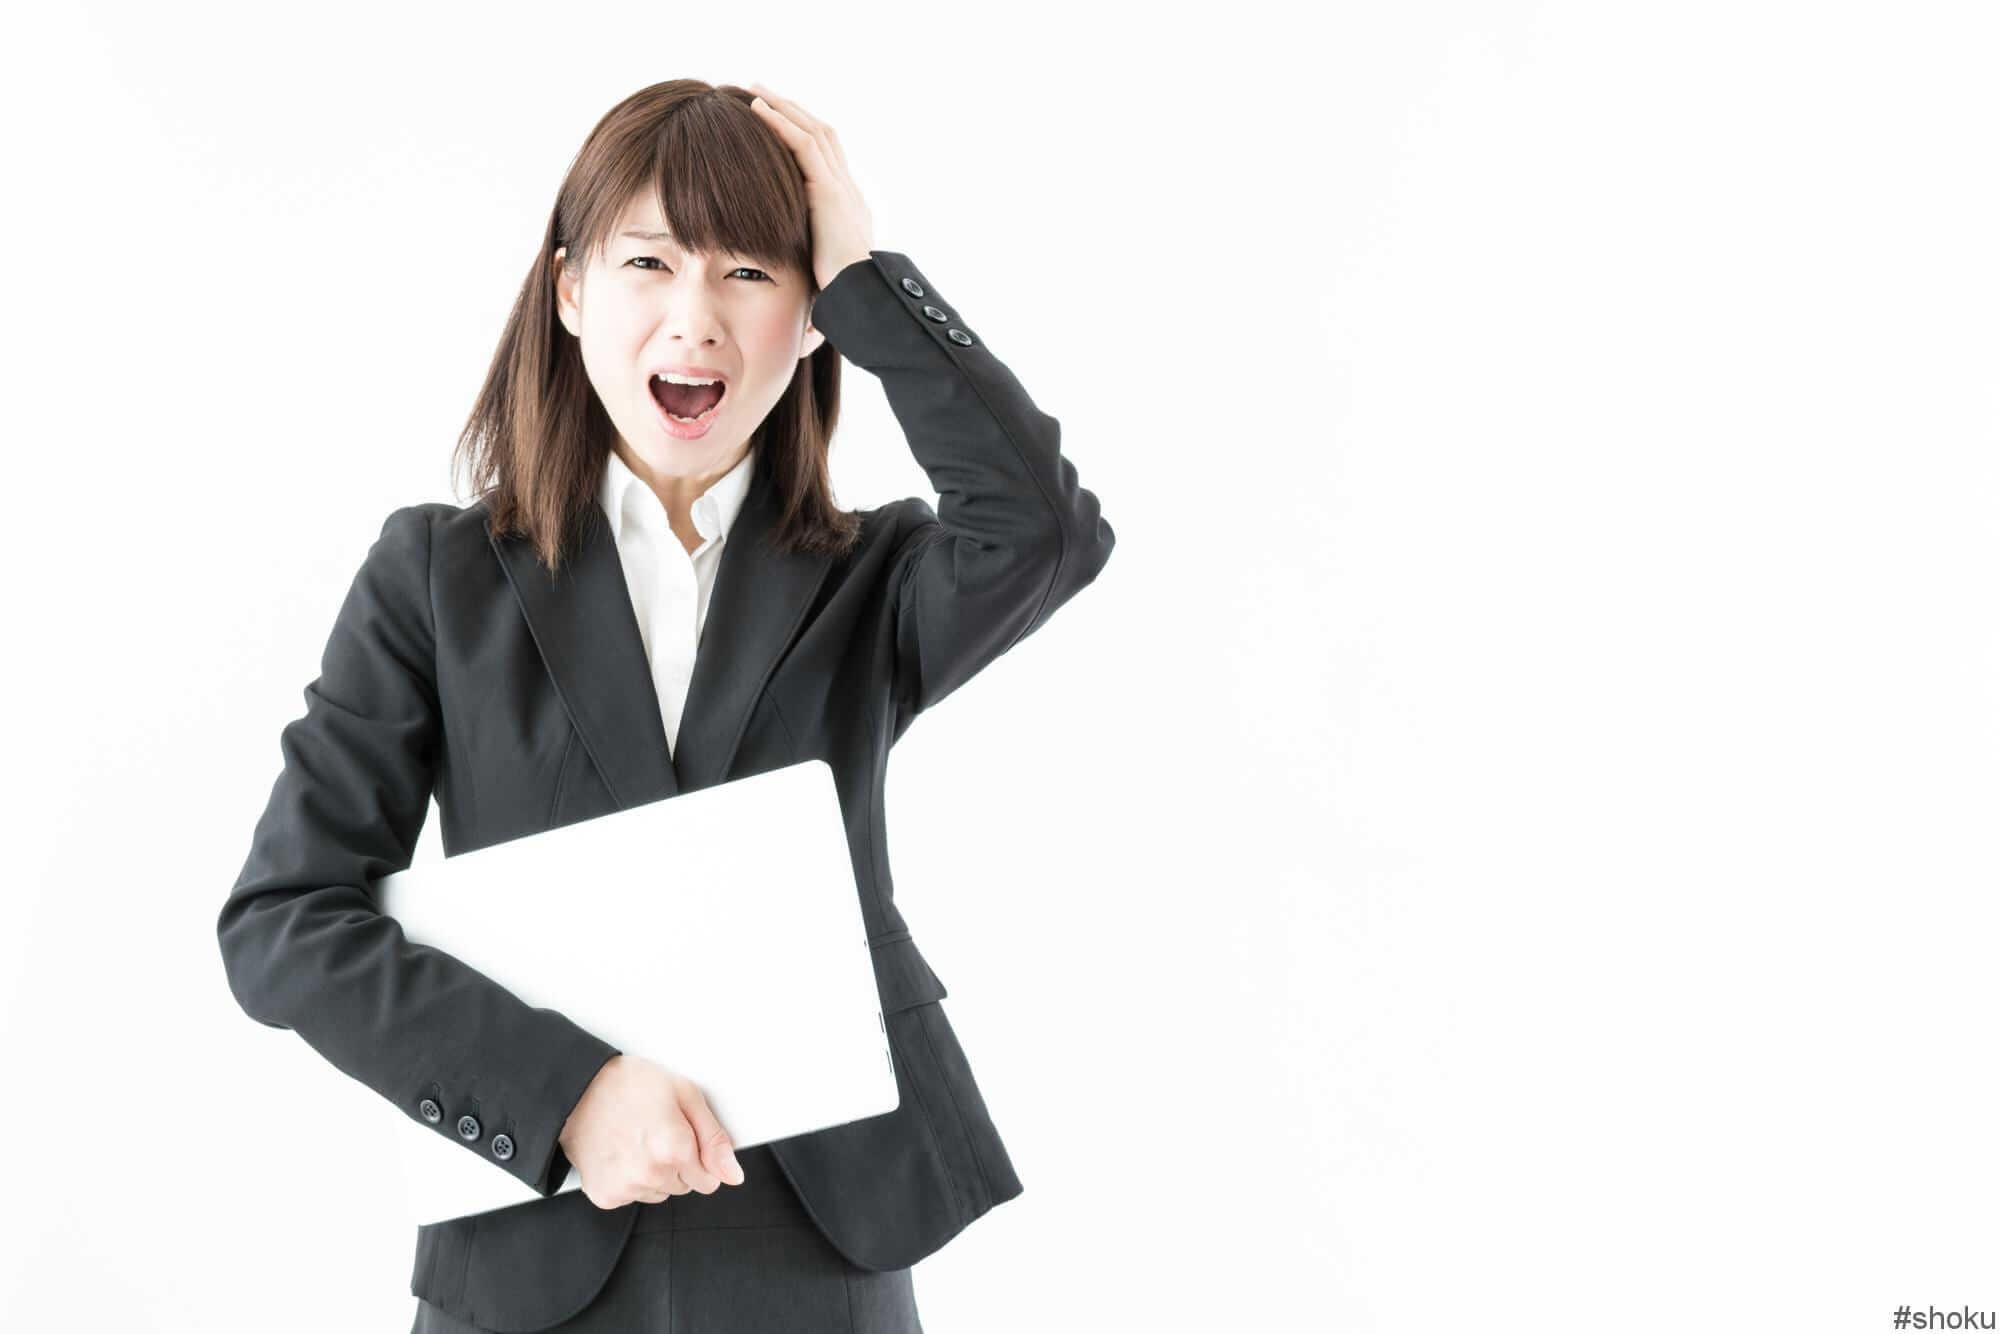 【営業事務・未経験】どのようにアピールすればいいのかわからない女性